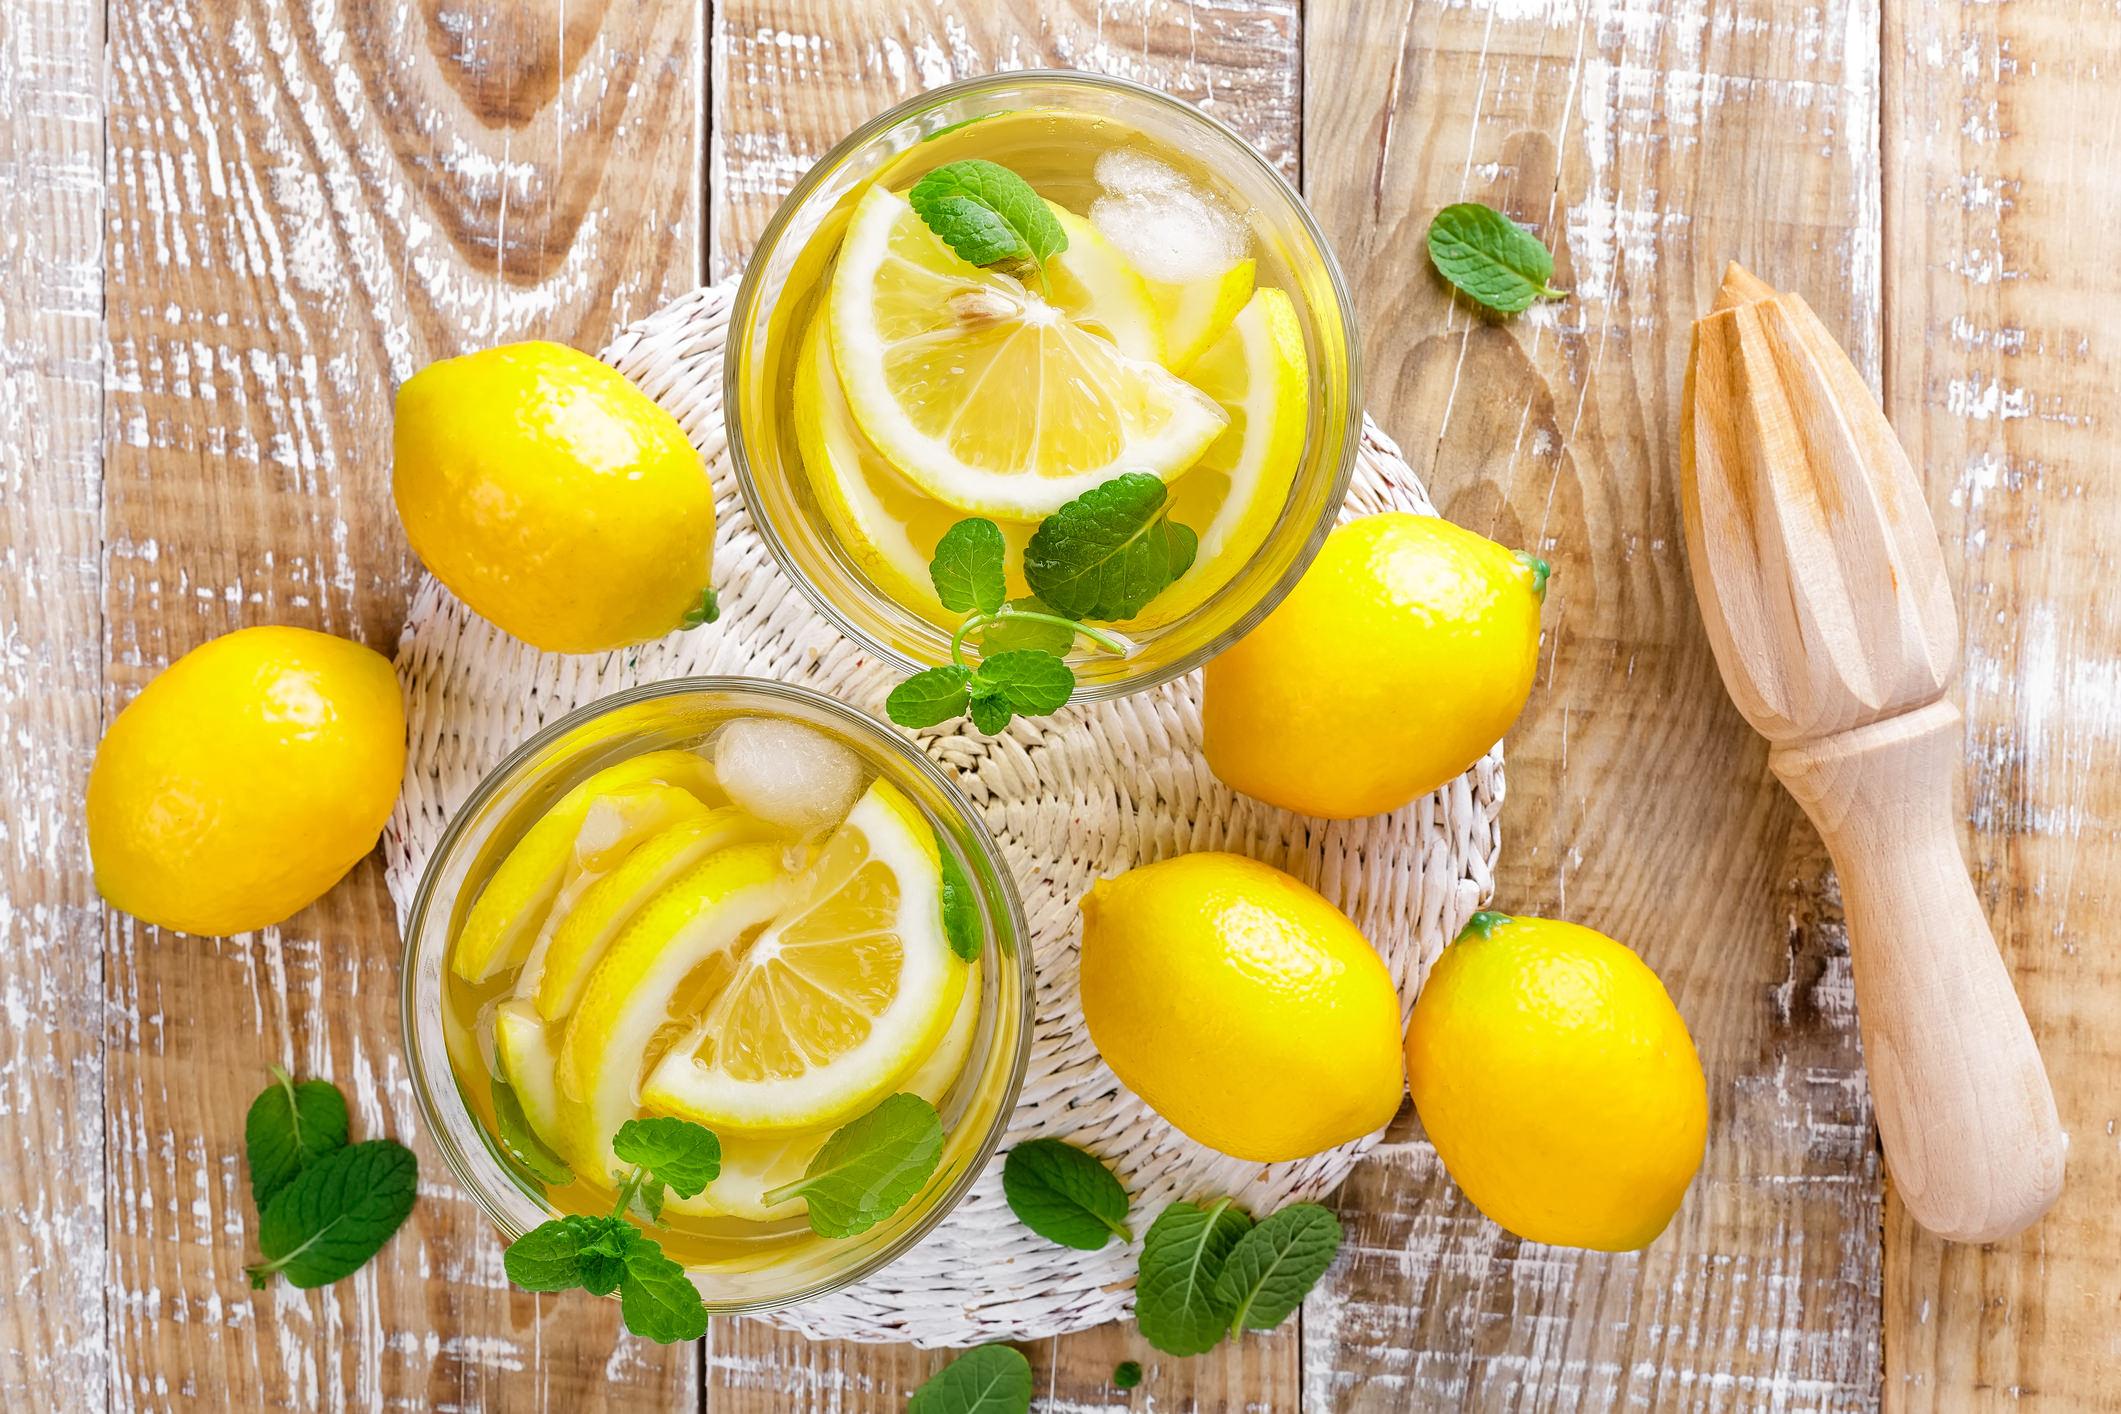 Citroen & Munt - Een verfrissende groene thee, verrijkt met citroen en munt voor een unieke ervaring.Een moment om uw lichaam en geest op elkaar af te stemmen.